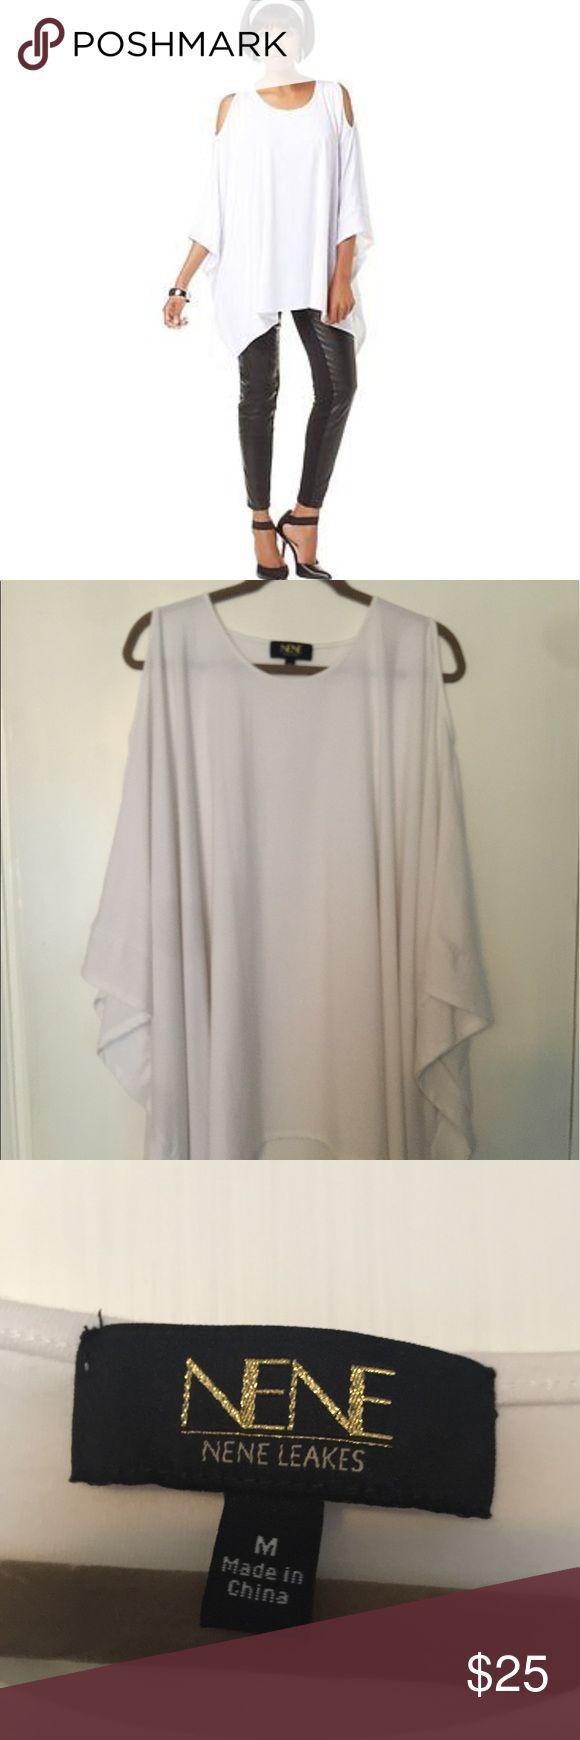 New white cold shoulder tunic Brand new white Nene Leakes cold shoulder tunic, size medium NeNe Leakes Tops Tunics